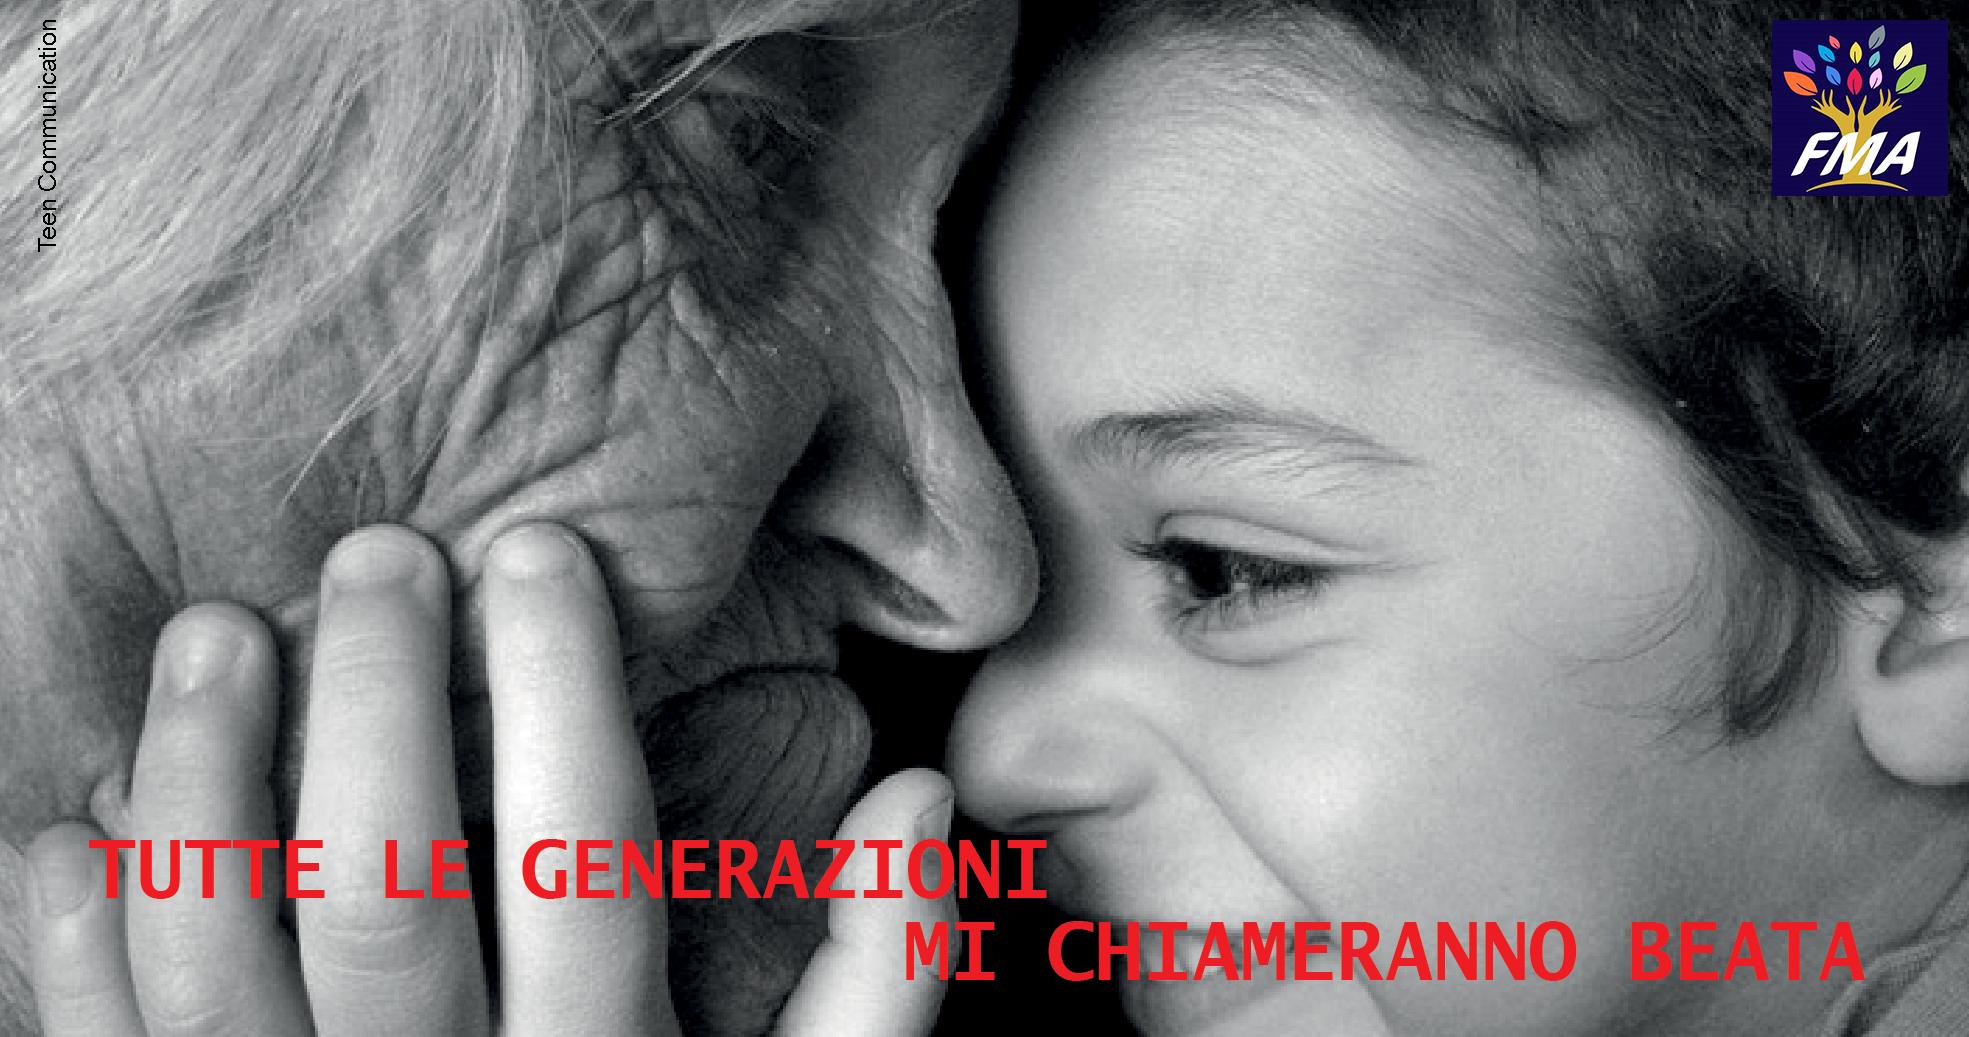 Tutte le generazioni mi chiameranno beata